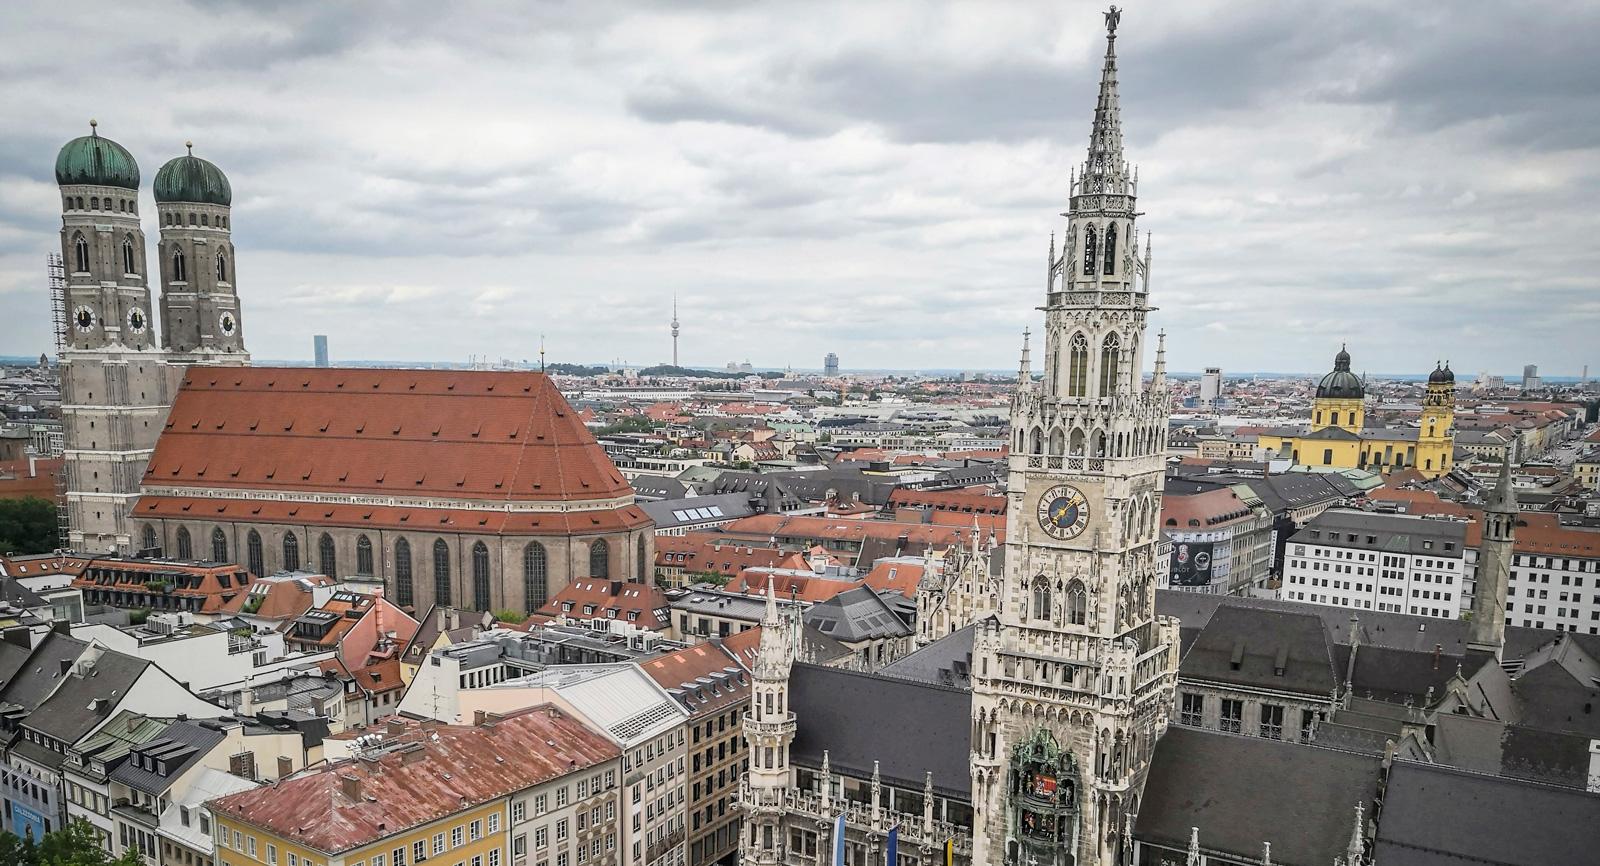 München har inga skyskrapor. Det är egentligen bara Frankfurt som har detta i Tyskland. Rådhustornet är 80meter högt.